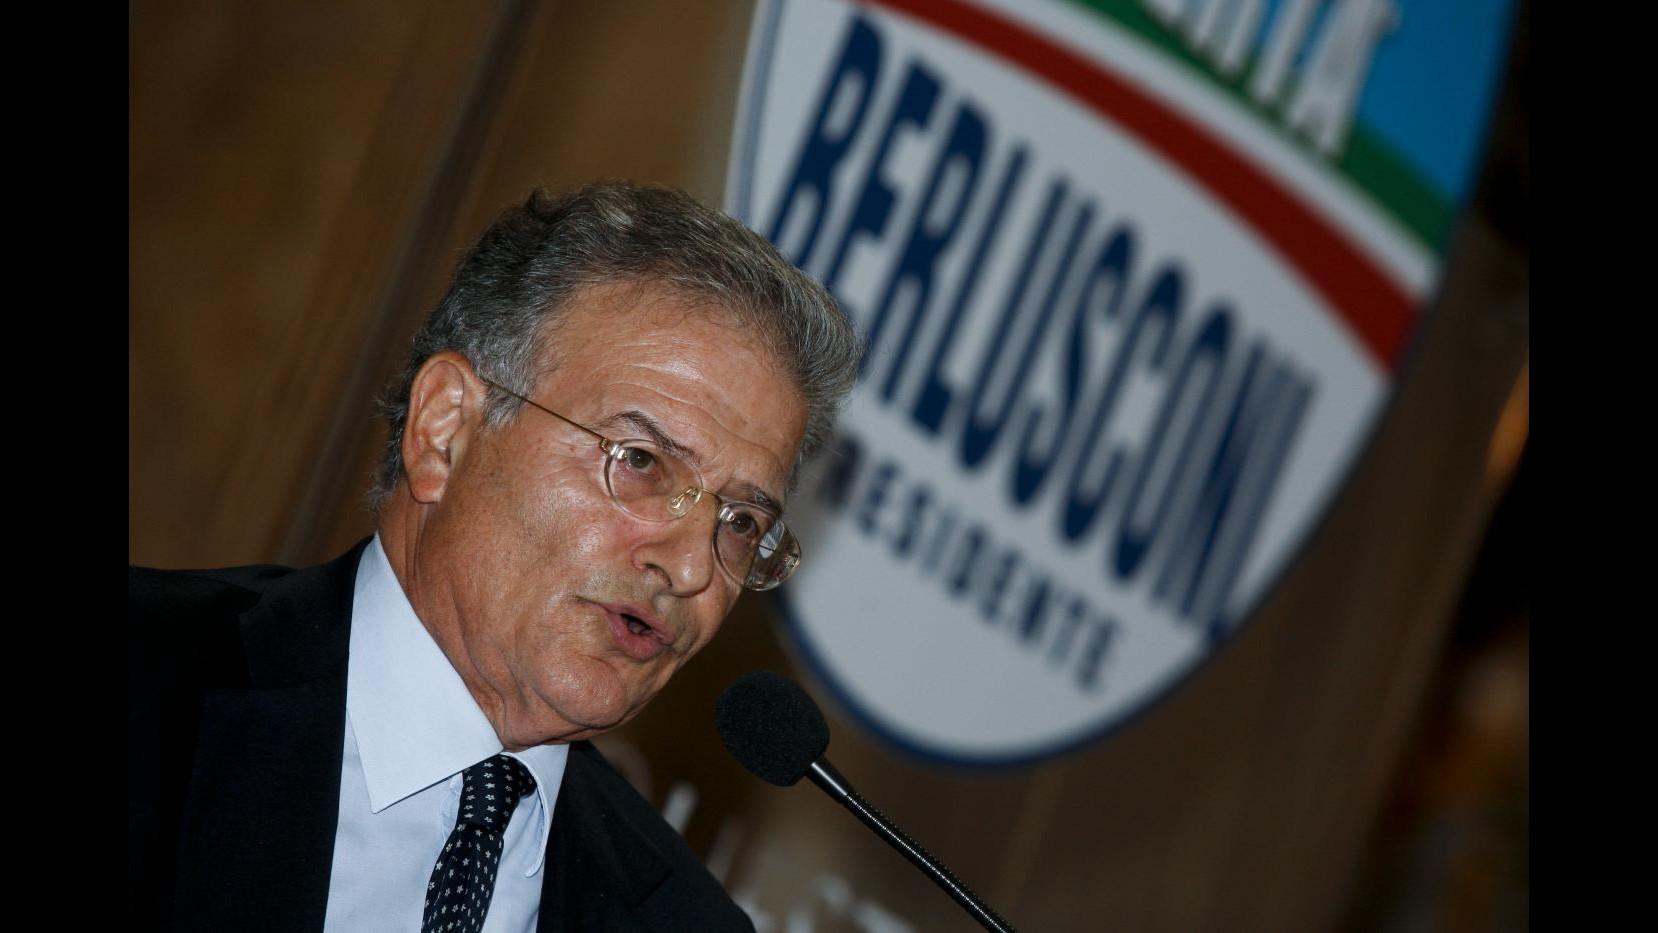 Fi, Cicchitto (Ncd): Fossi Berlusconi mi interrogherei sul partito